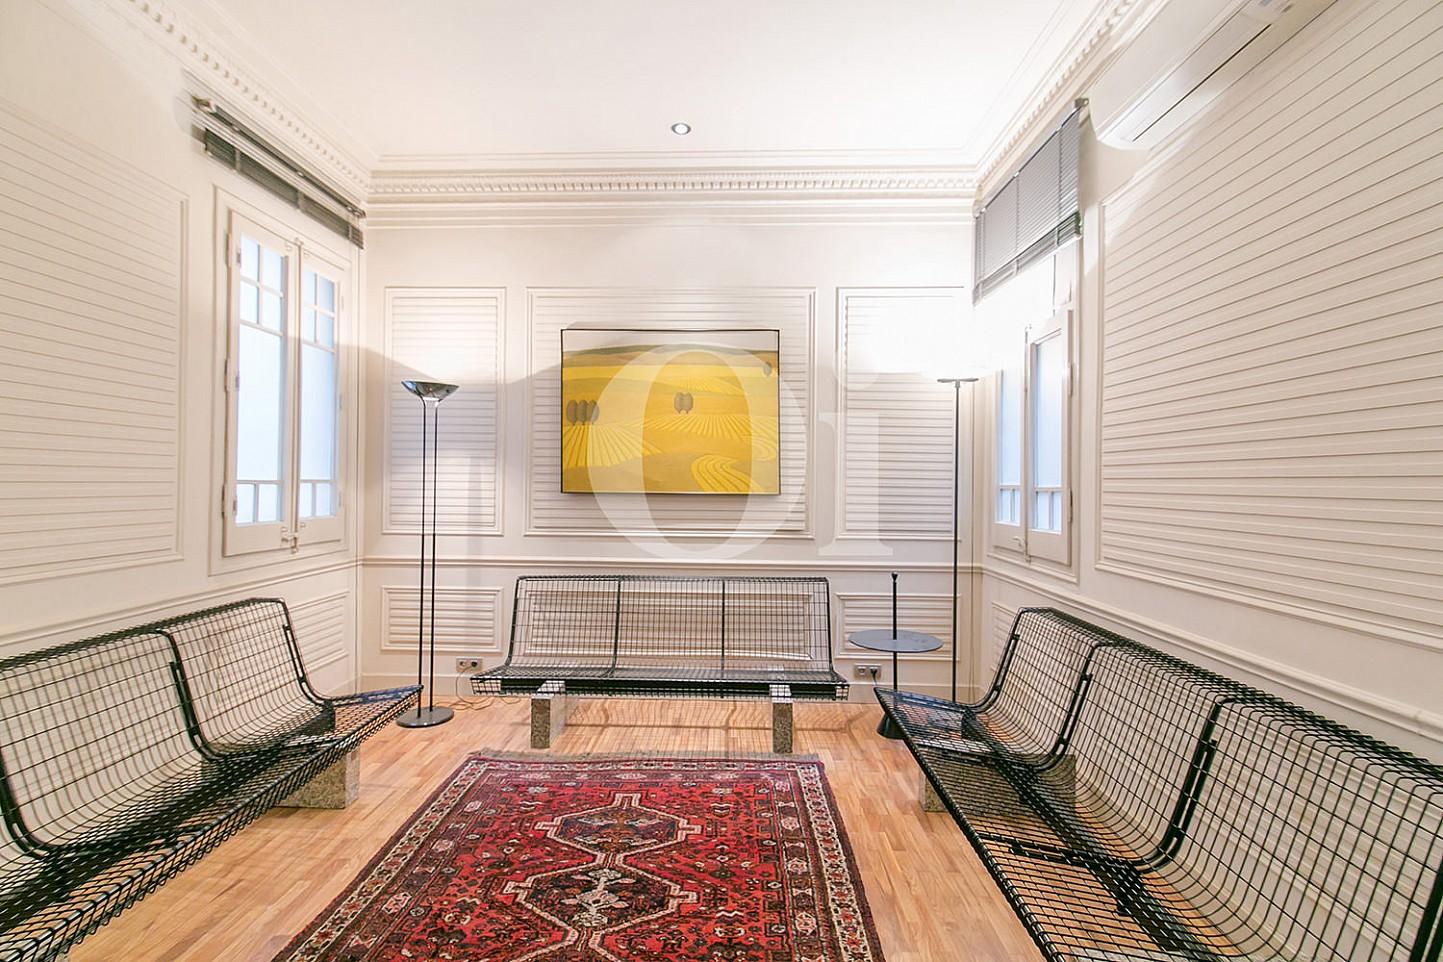 Recibidor de maravilloso apartamento en venta en el Eixample